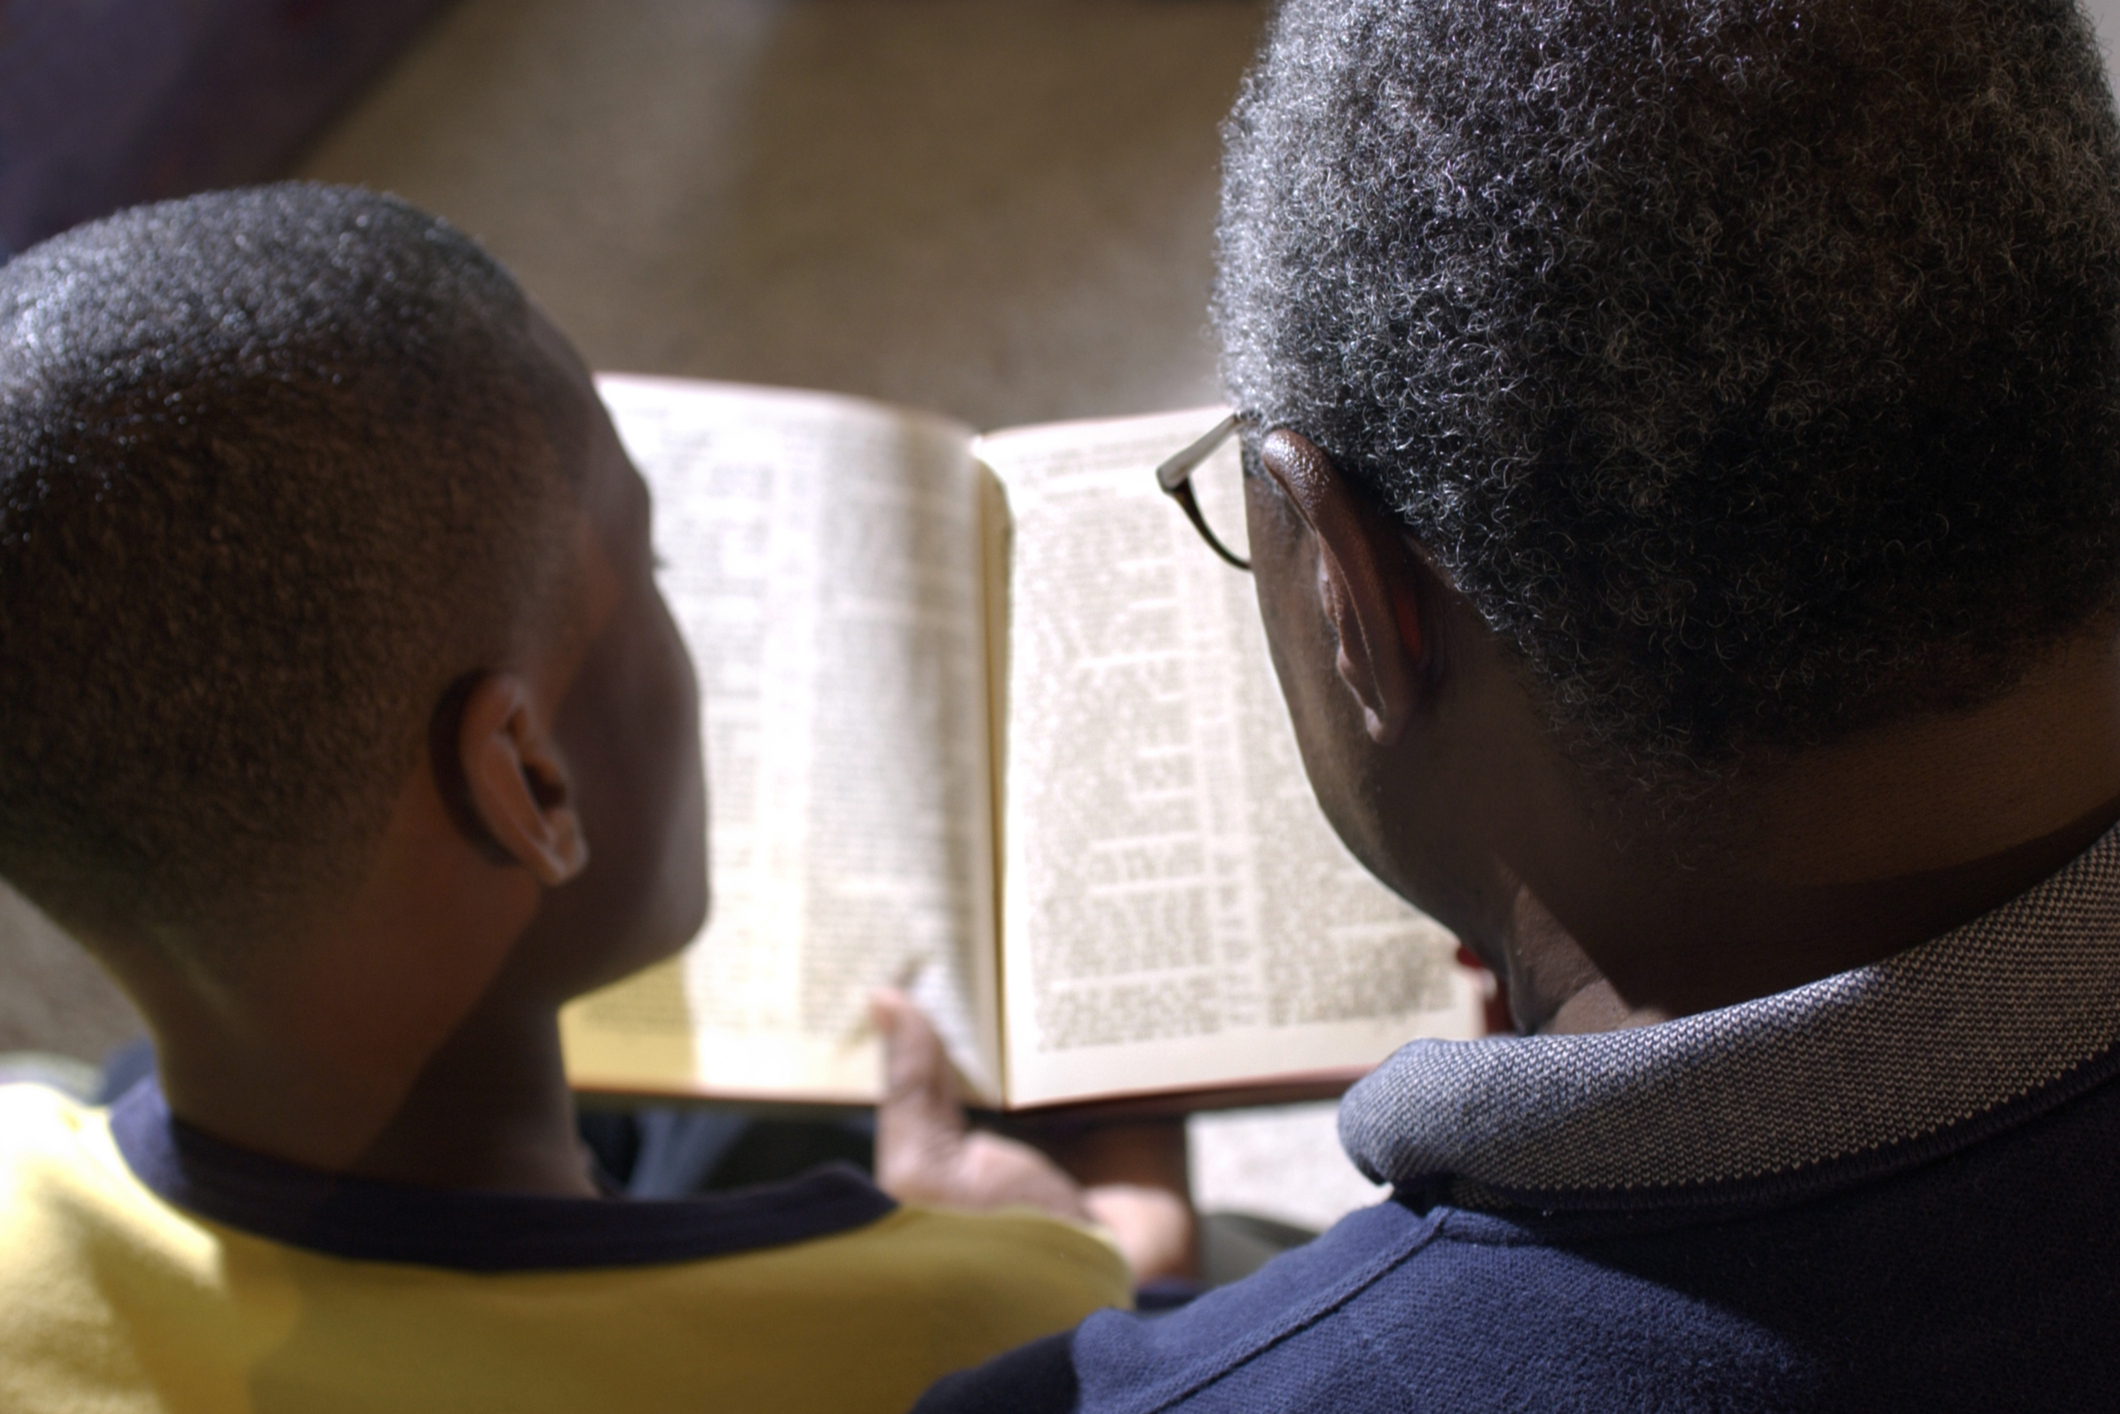 Bíblia em 1 ano – Leia o 221º dia12 min read